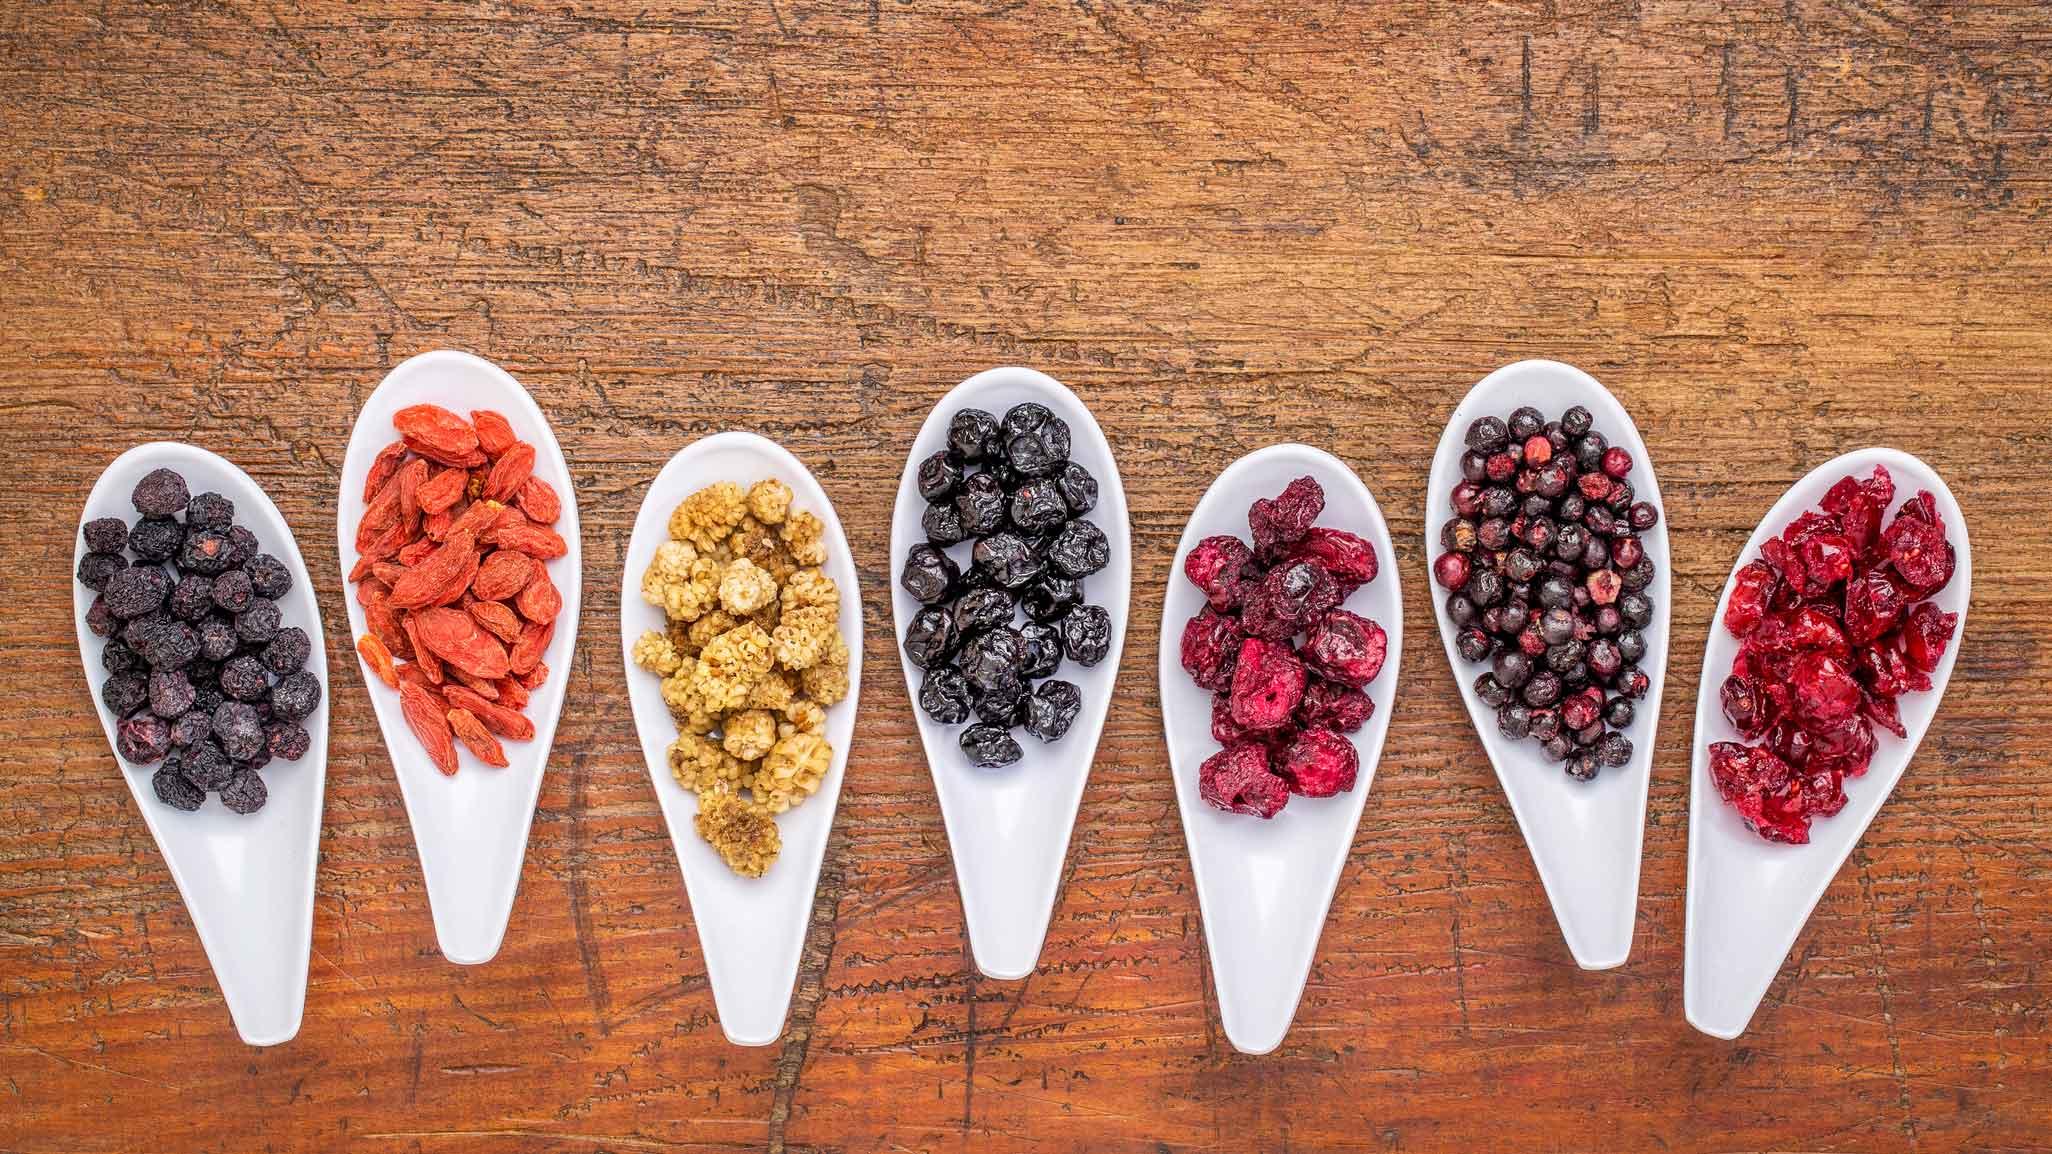 Goji oder Johannisbeere: Welche Beeren sind am gesündesten?